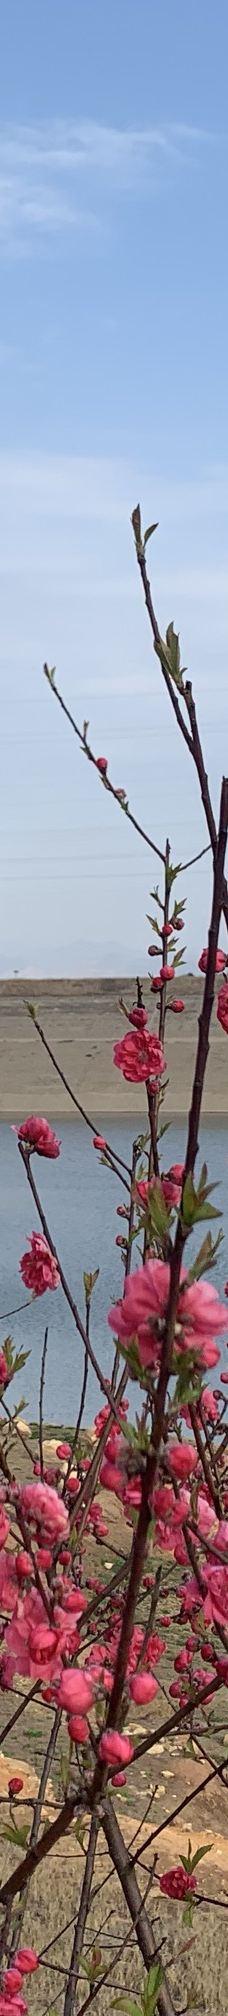 茶乡花海景区-茶陵